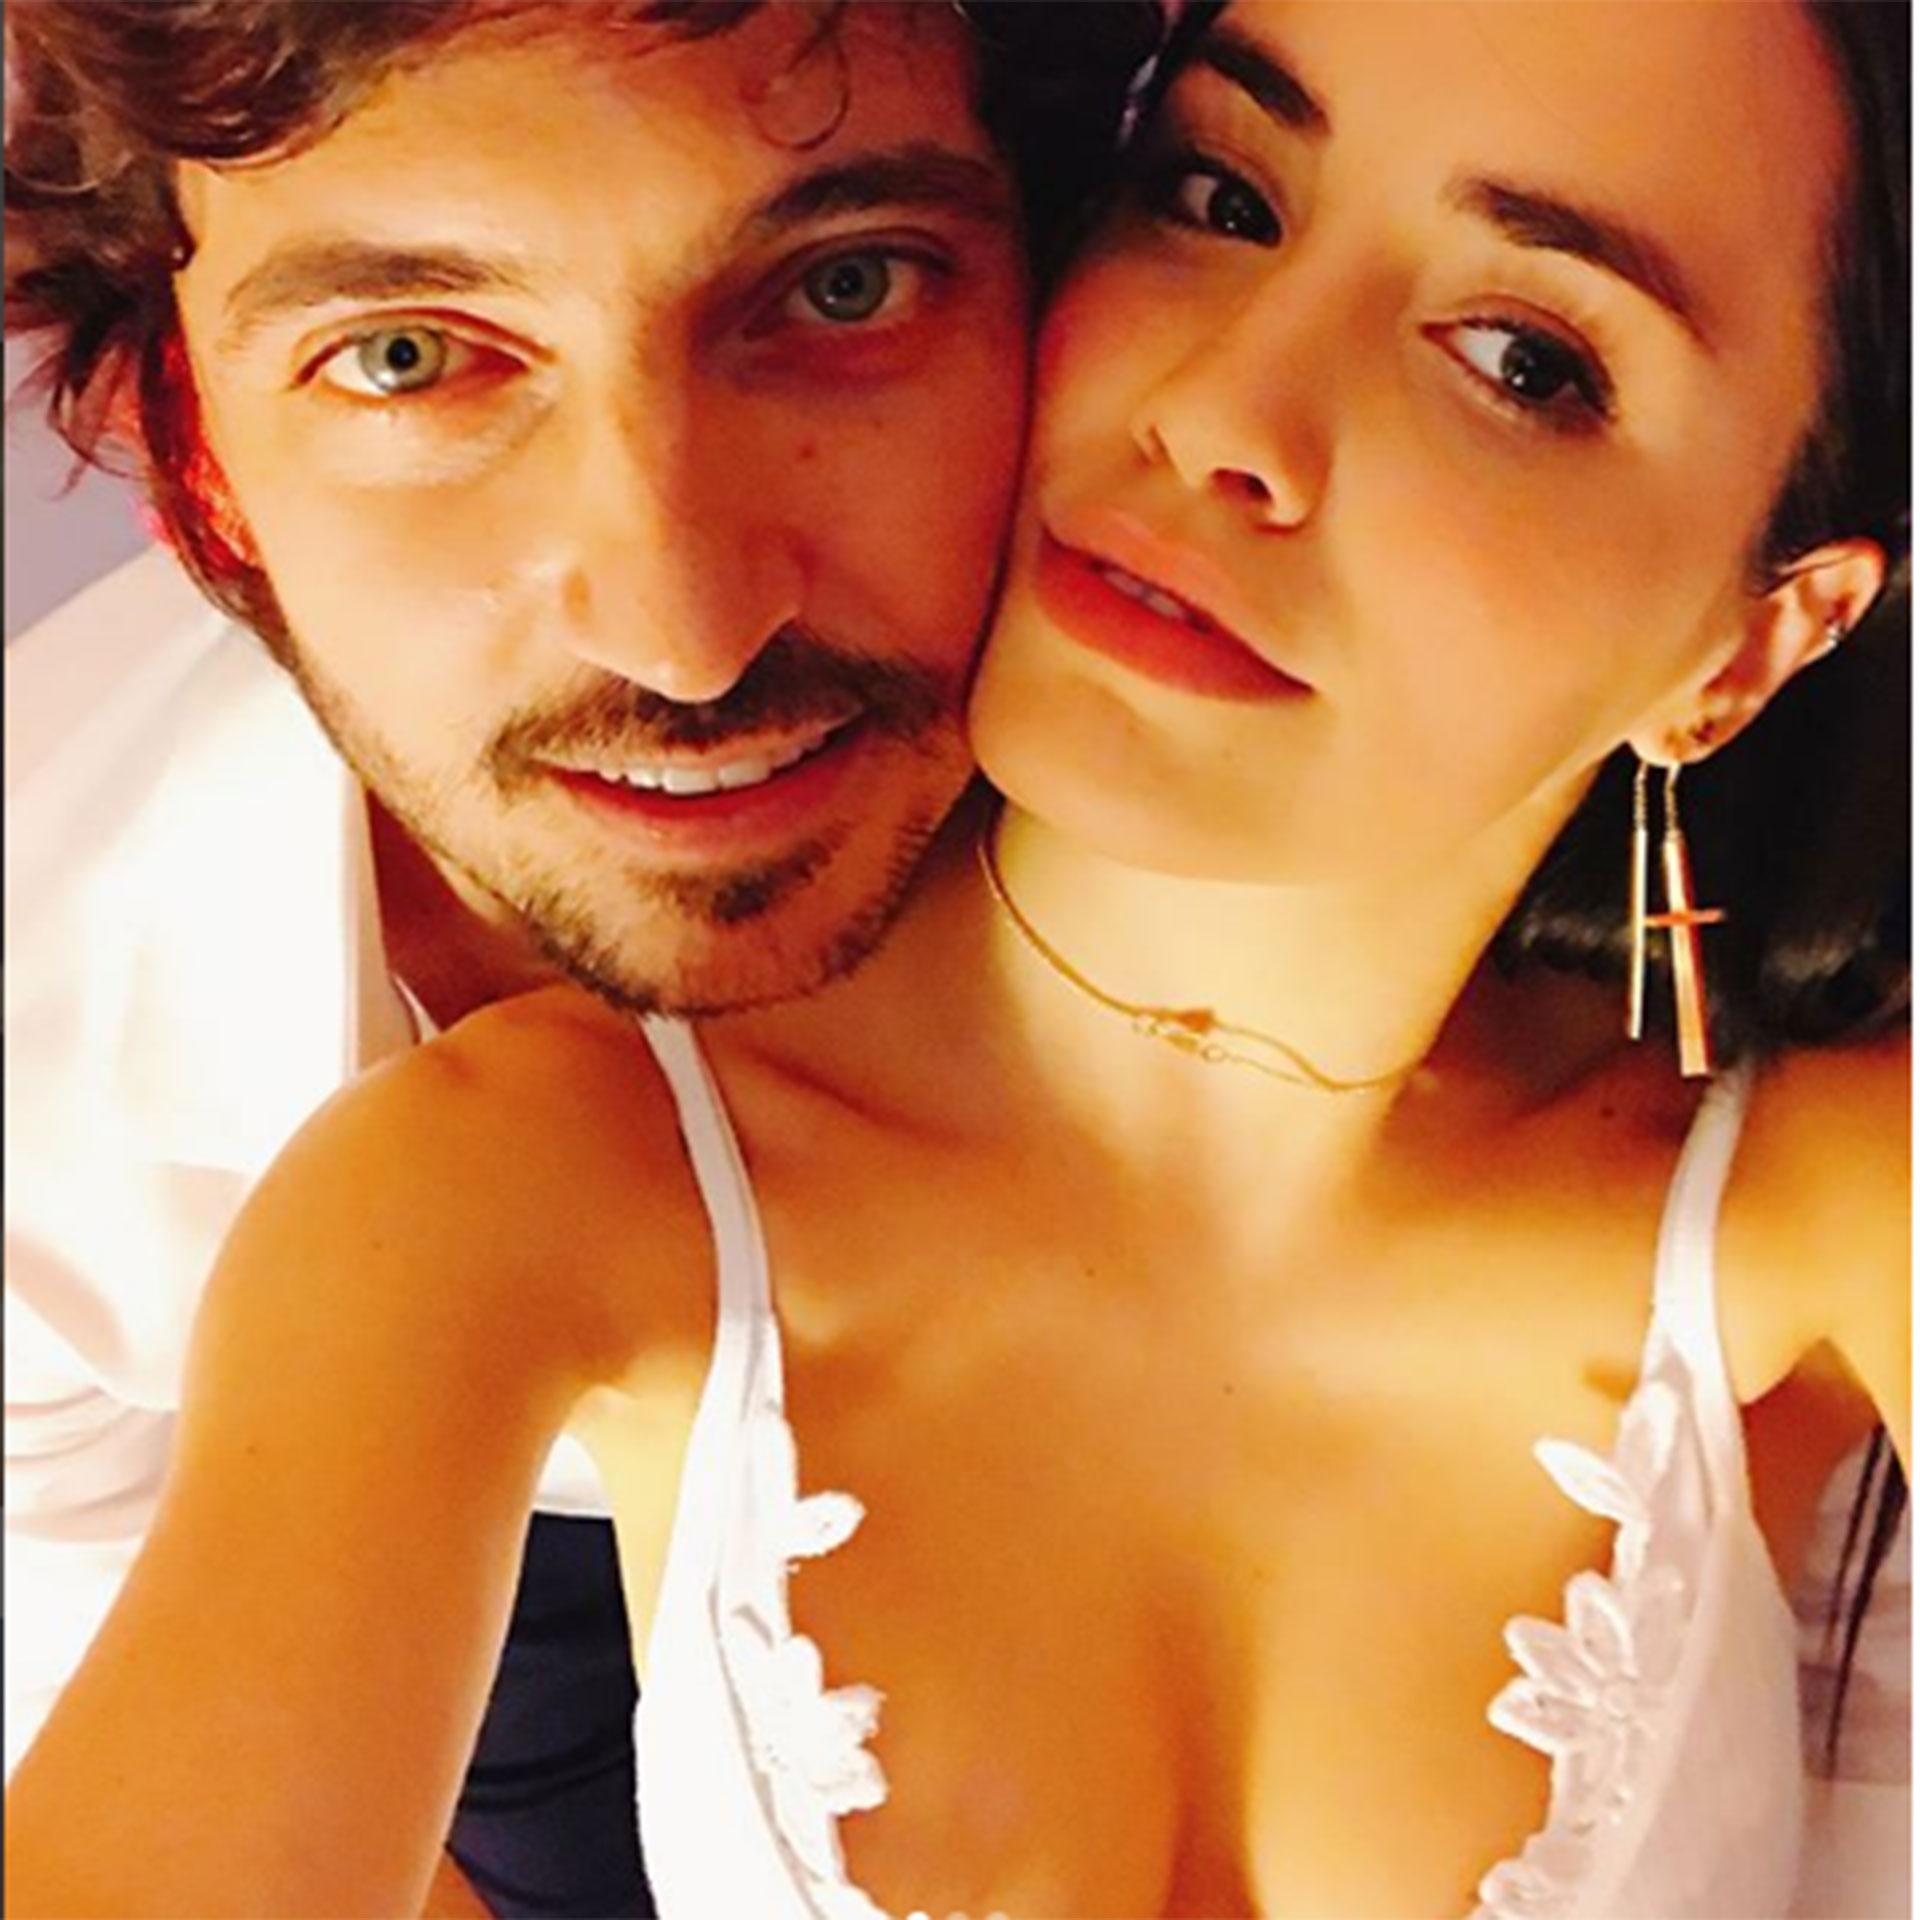 La actriz y cantante Lali Espósito cumplió 26 años y lo celebró con su pareja, Santiago Mocorrea